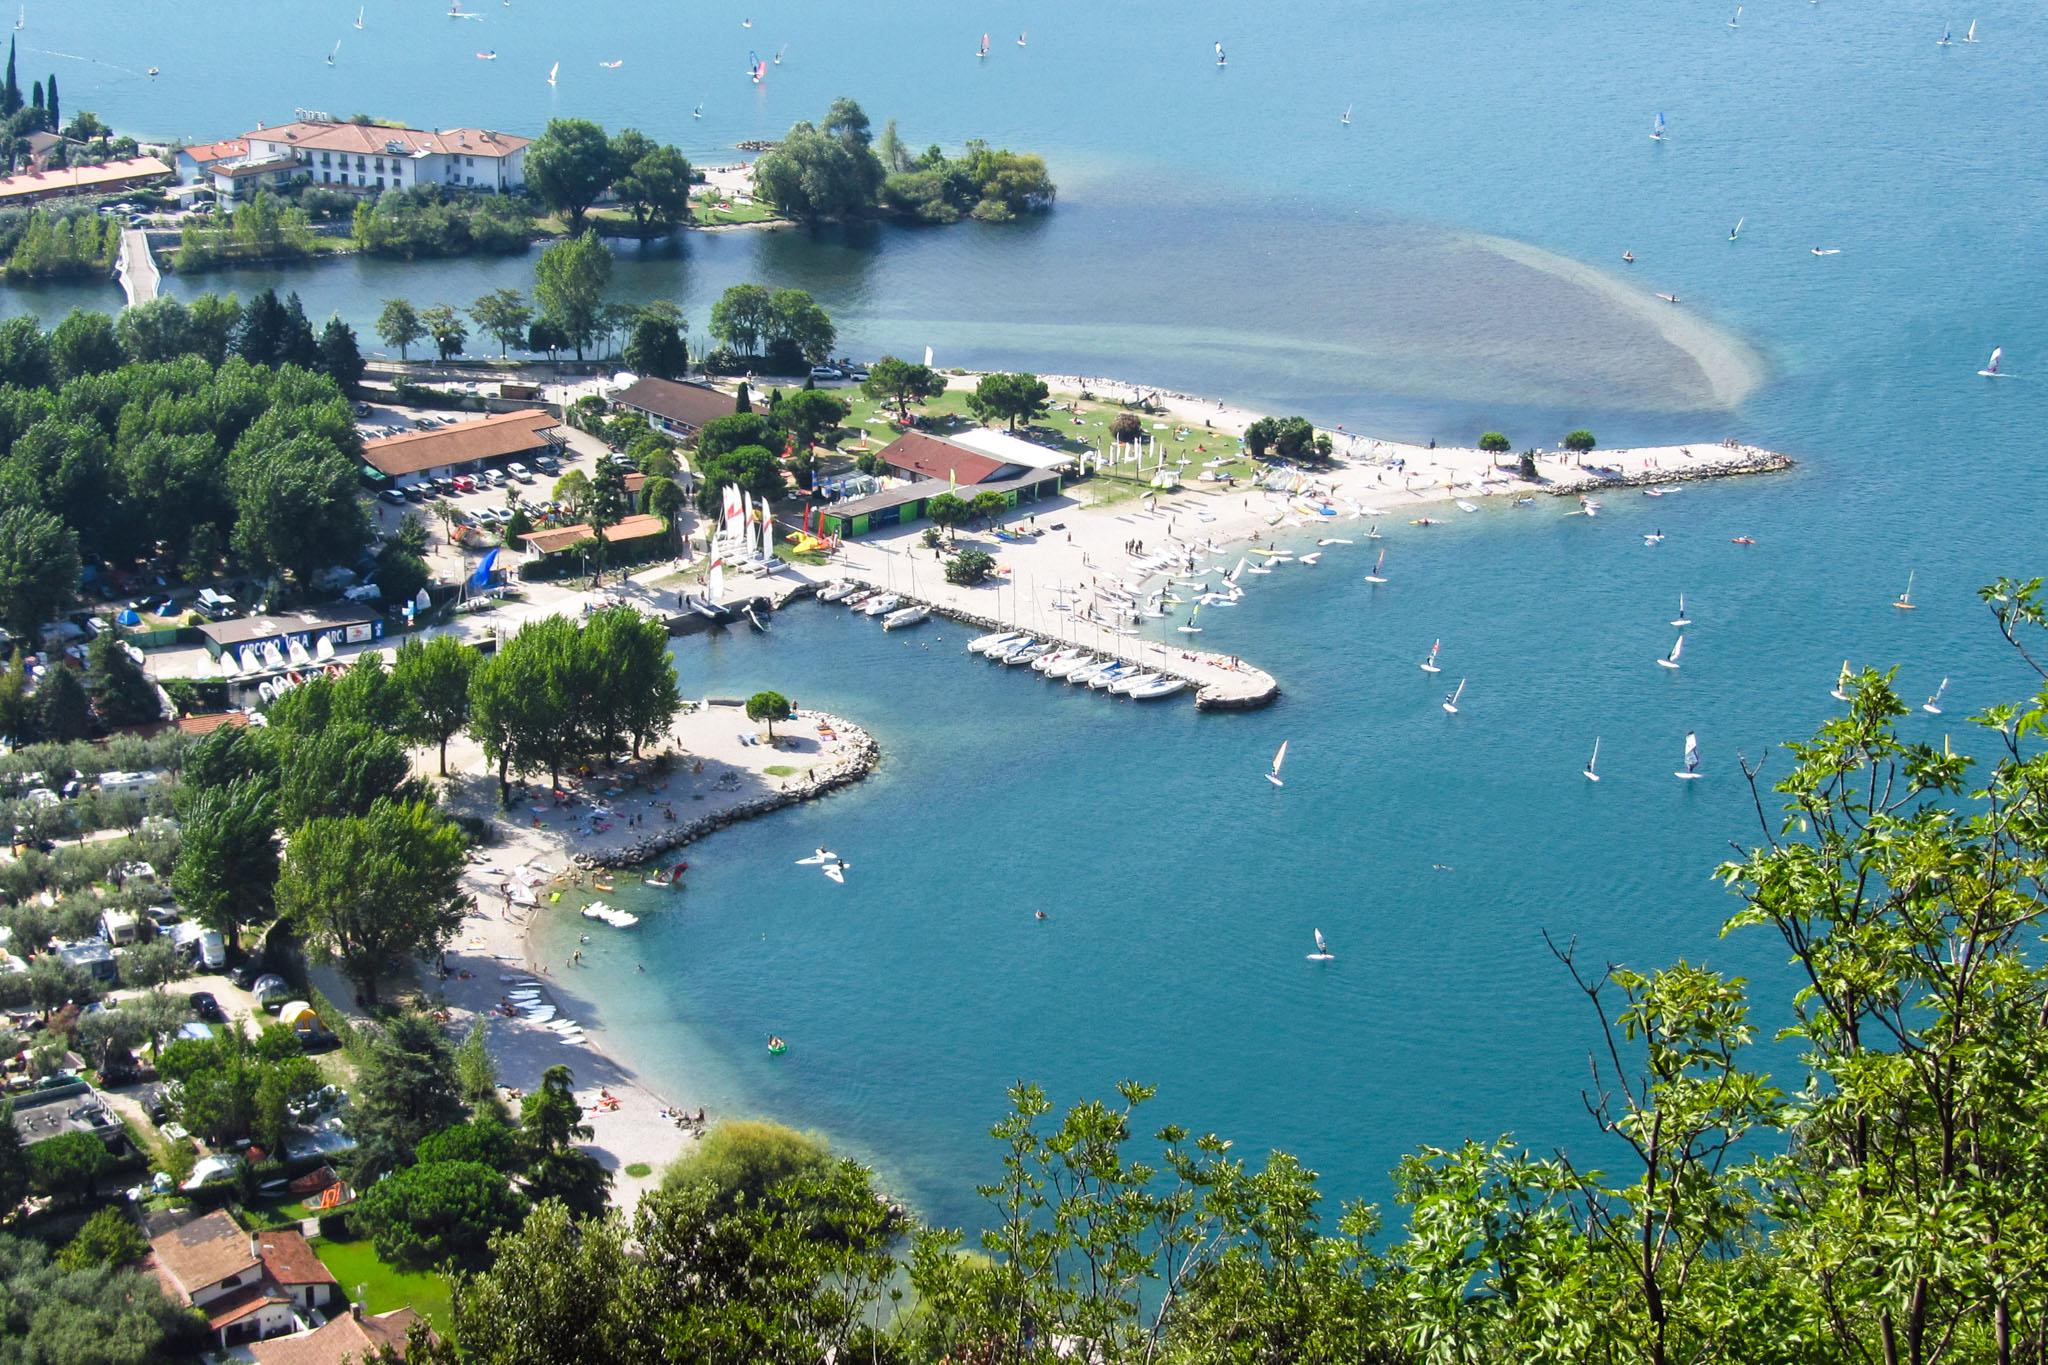 Sporthafen und Strand, dahinter die Mündung der Sarca in den Gardasee